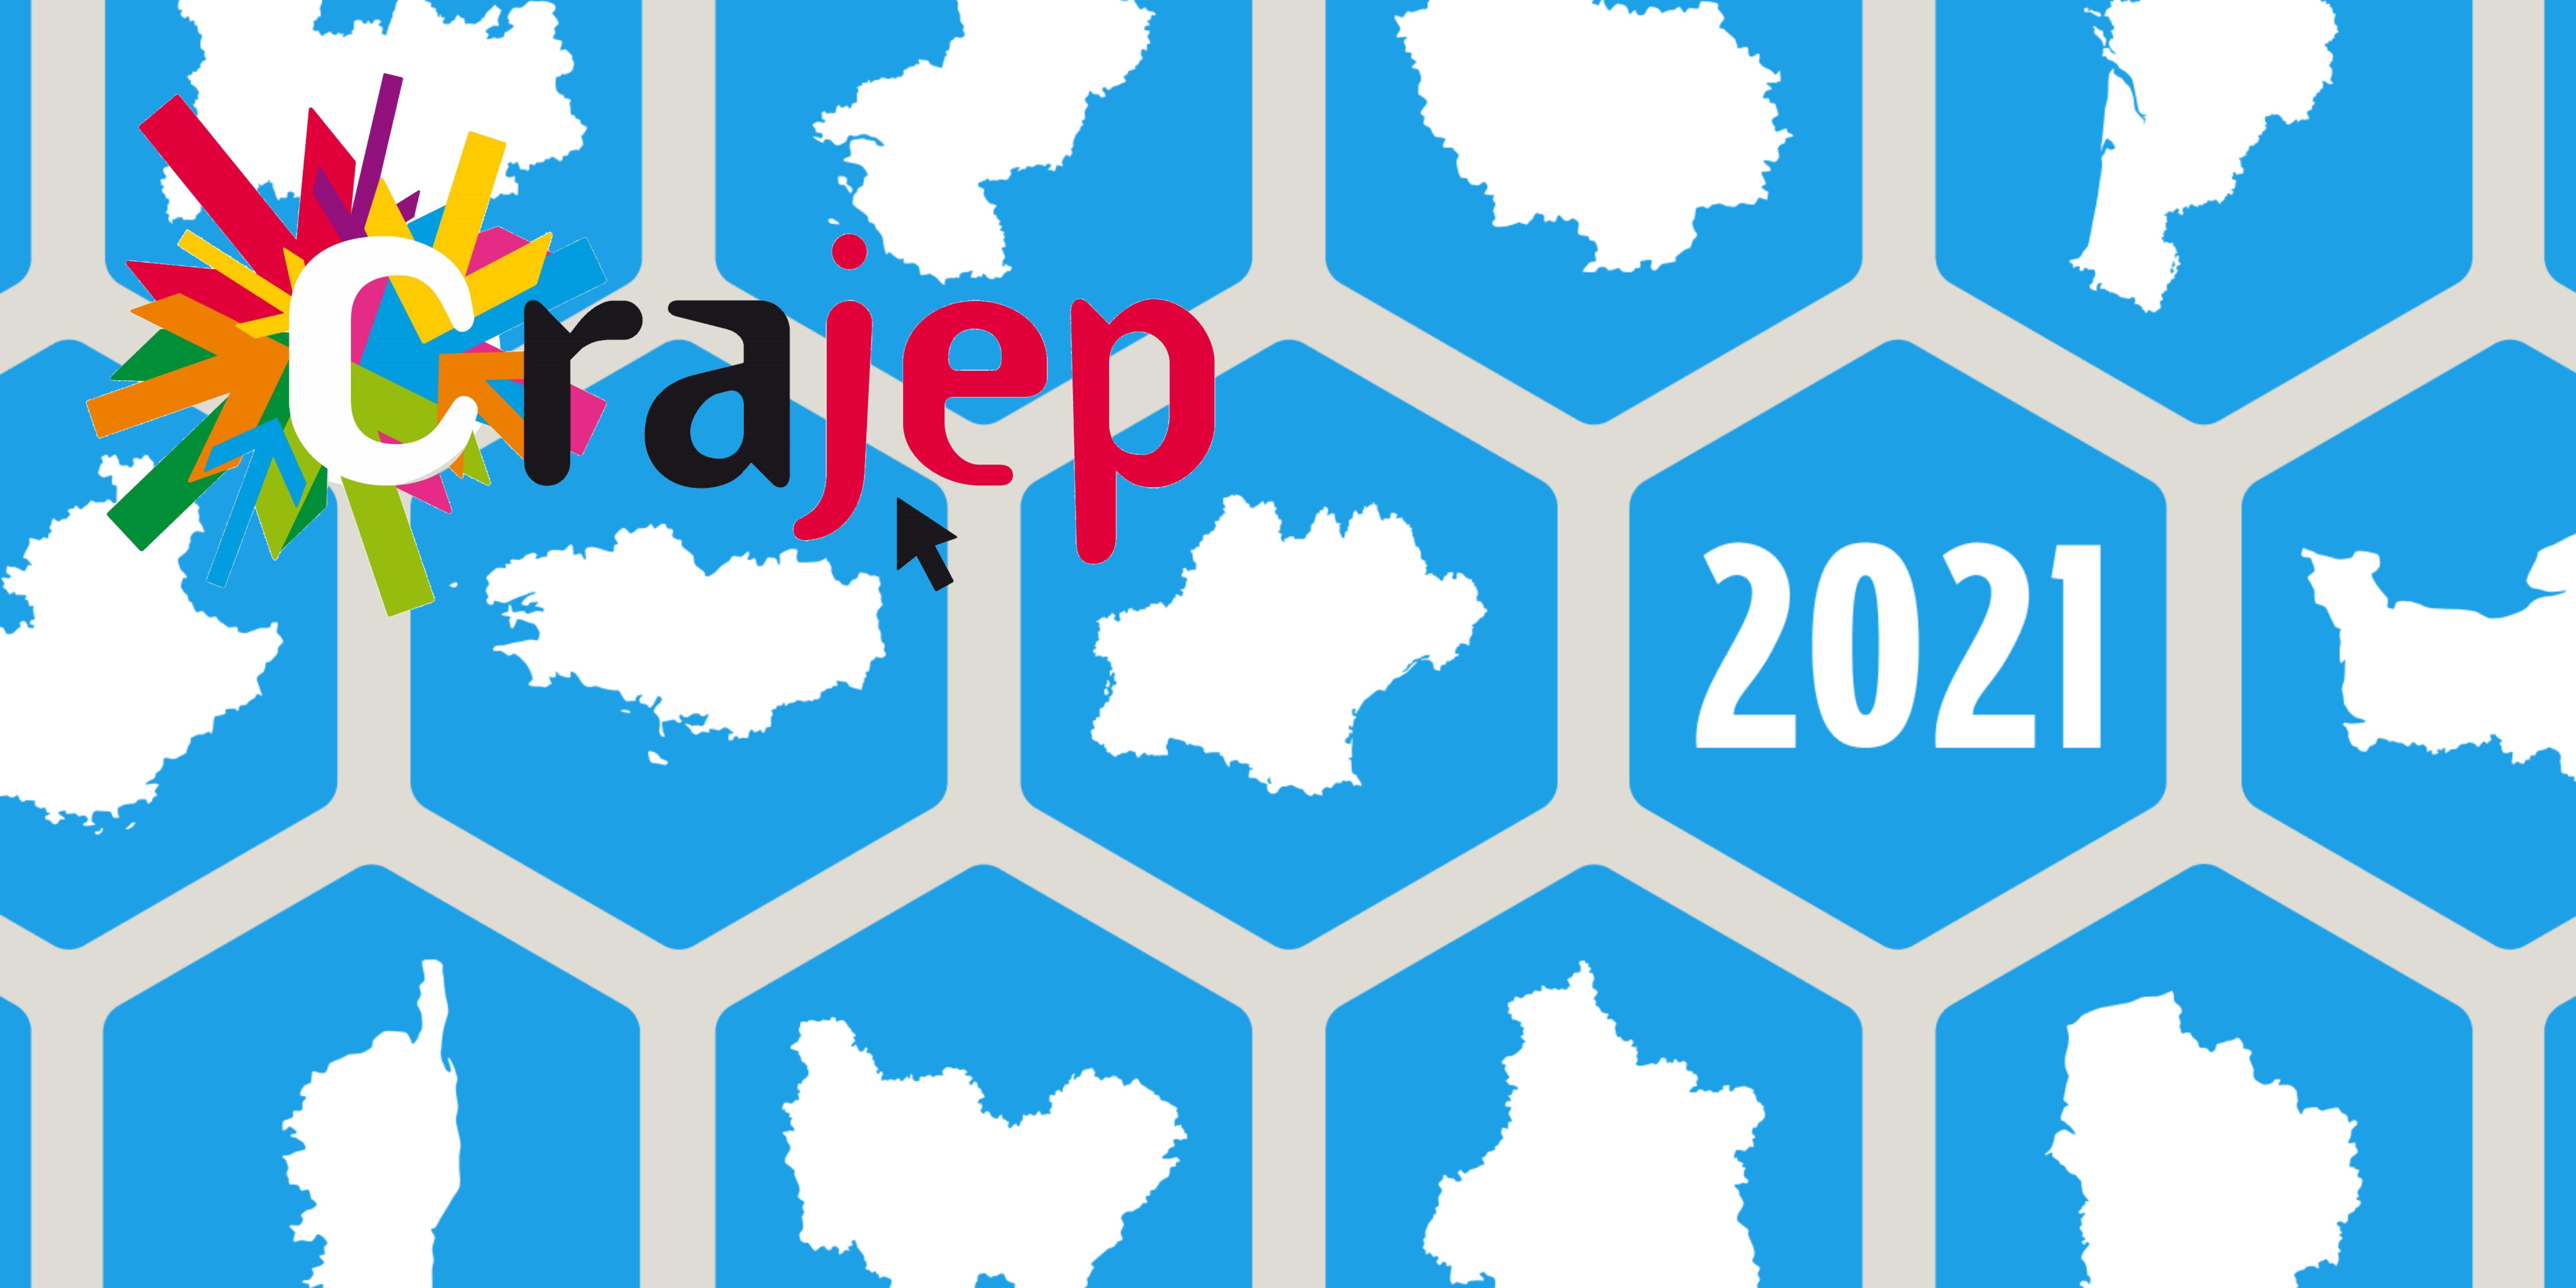 Déclaration CRAJEP pour les Régionales 2021 en PACA